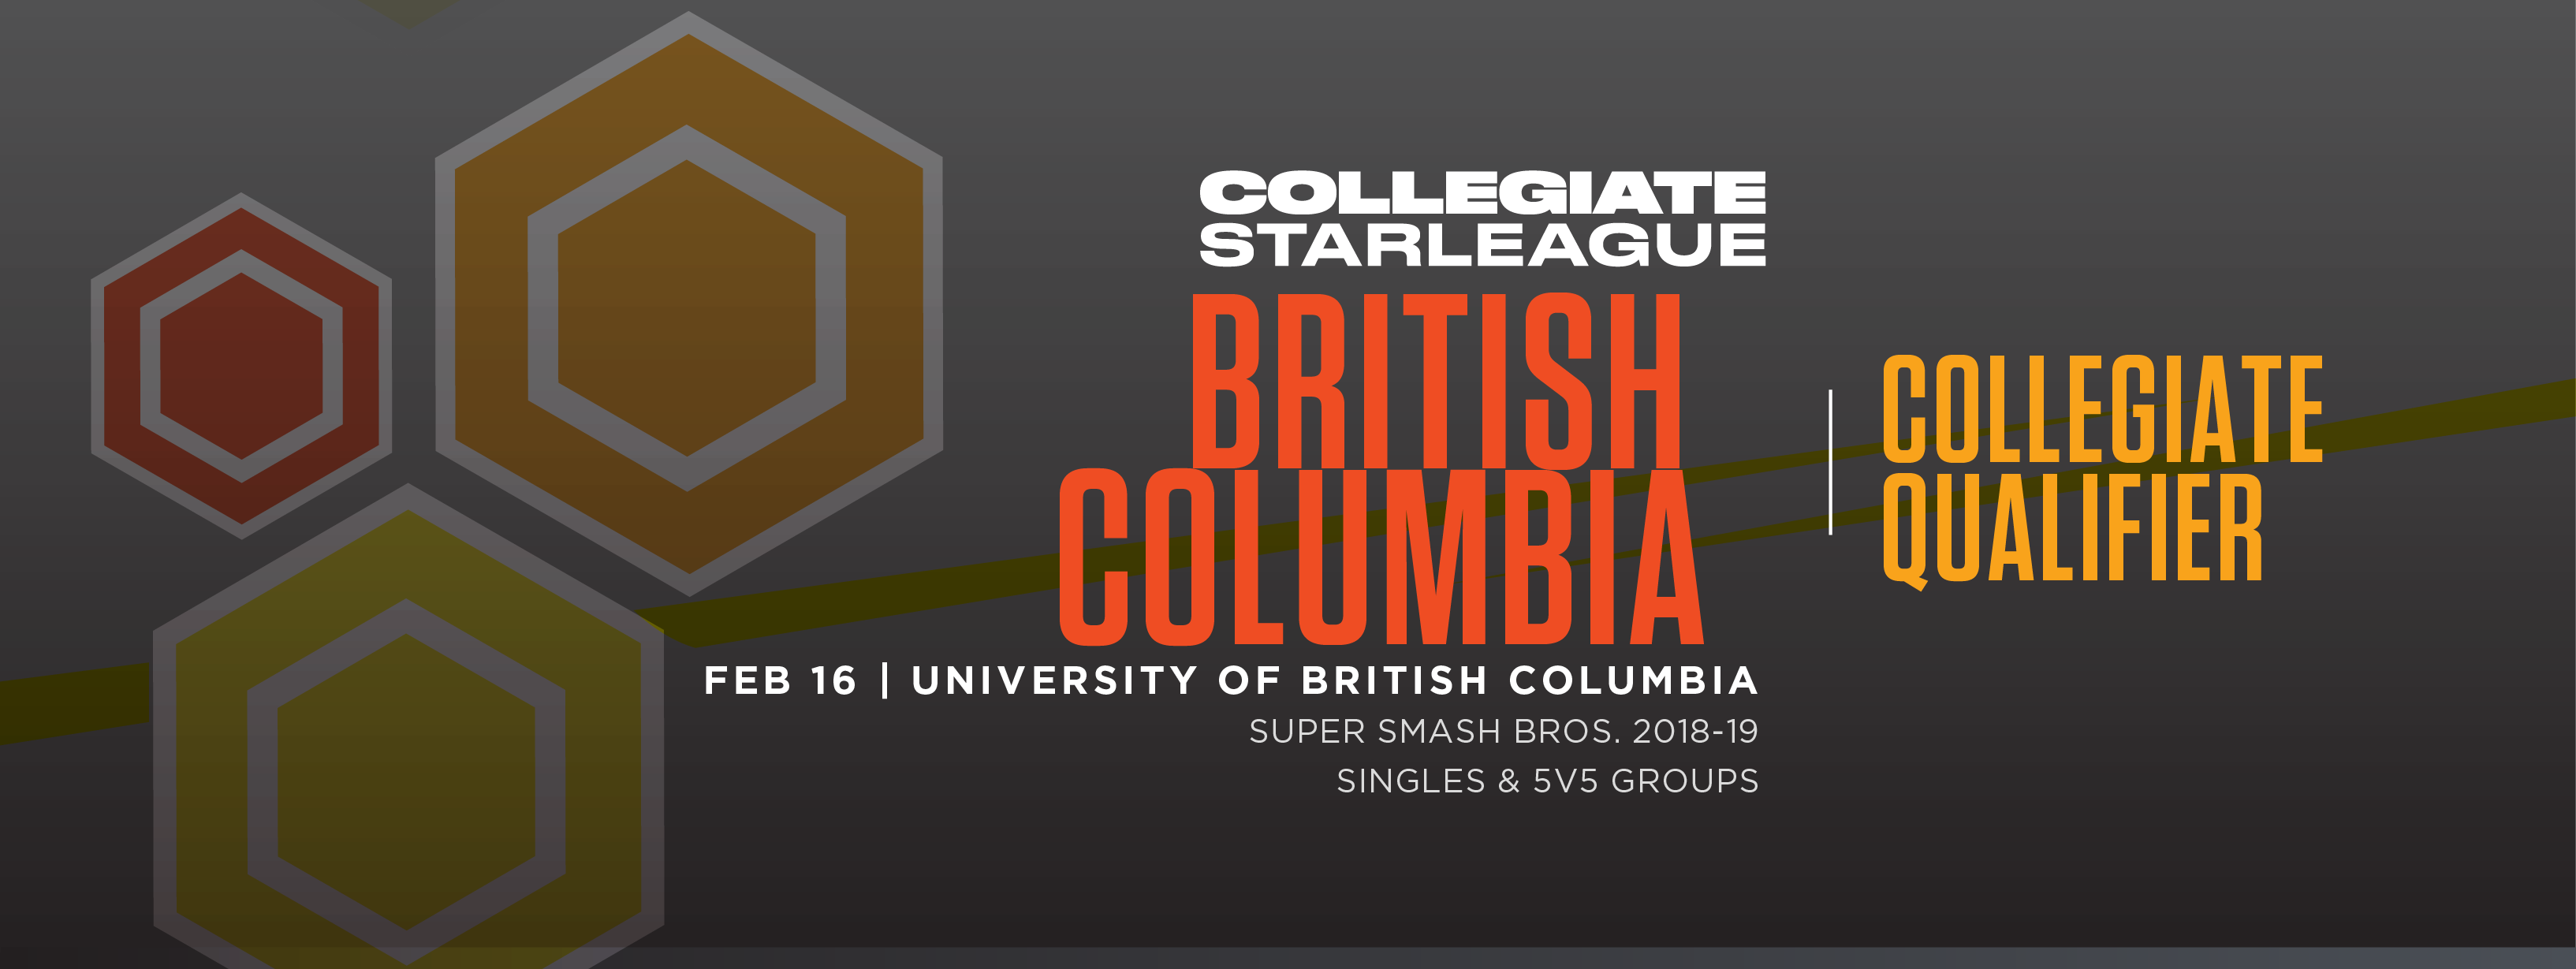 Smash local qualifier fb event image 2018 19 05